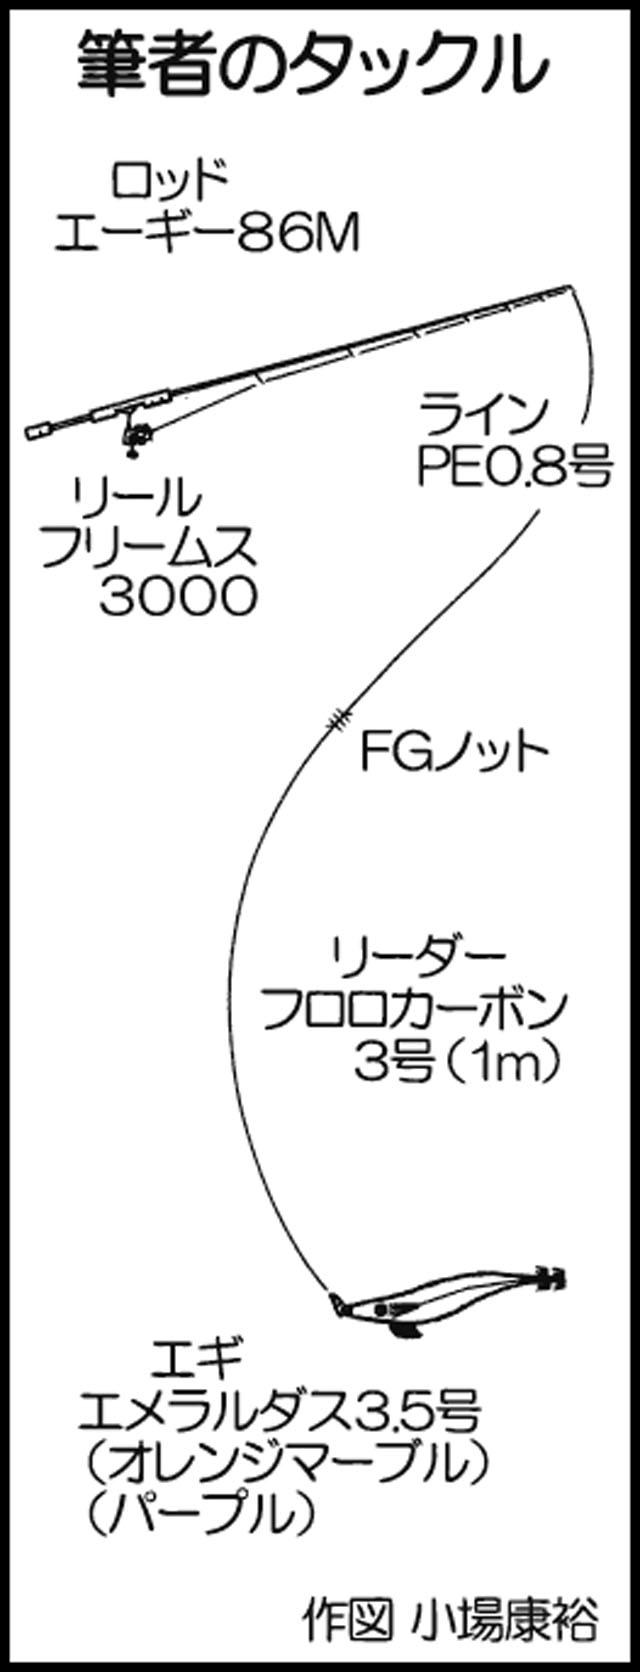 ボートエギング釣行:家族全員スミまみれ!【鹿児島県・羽島一帯】